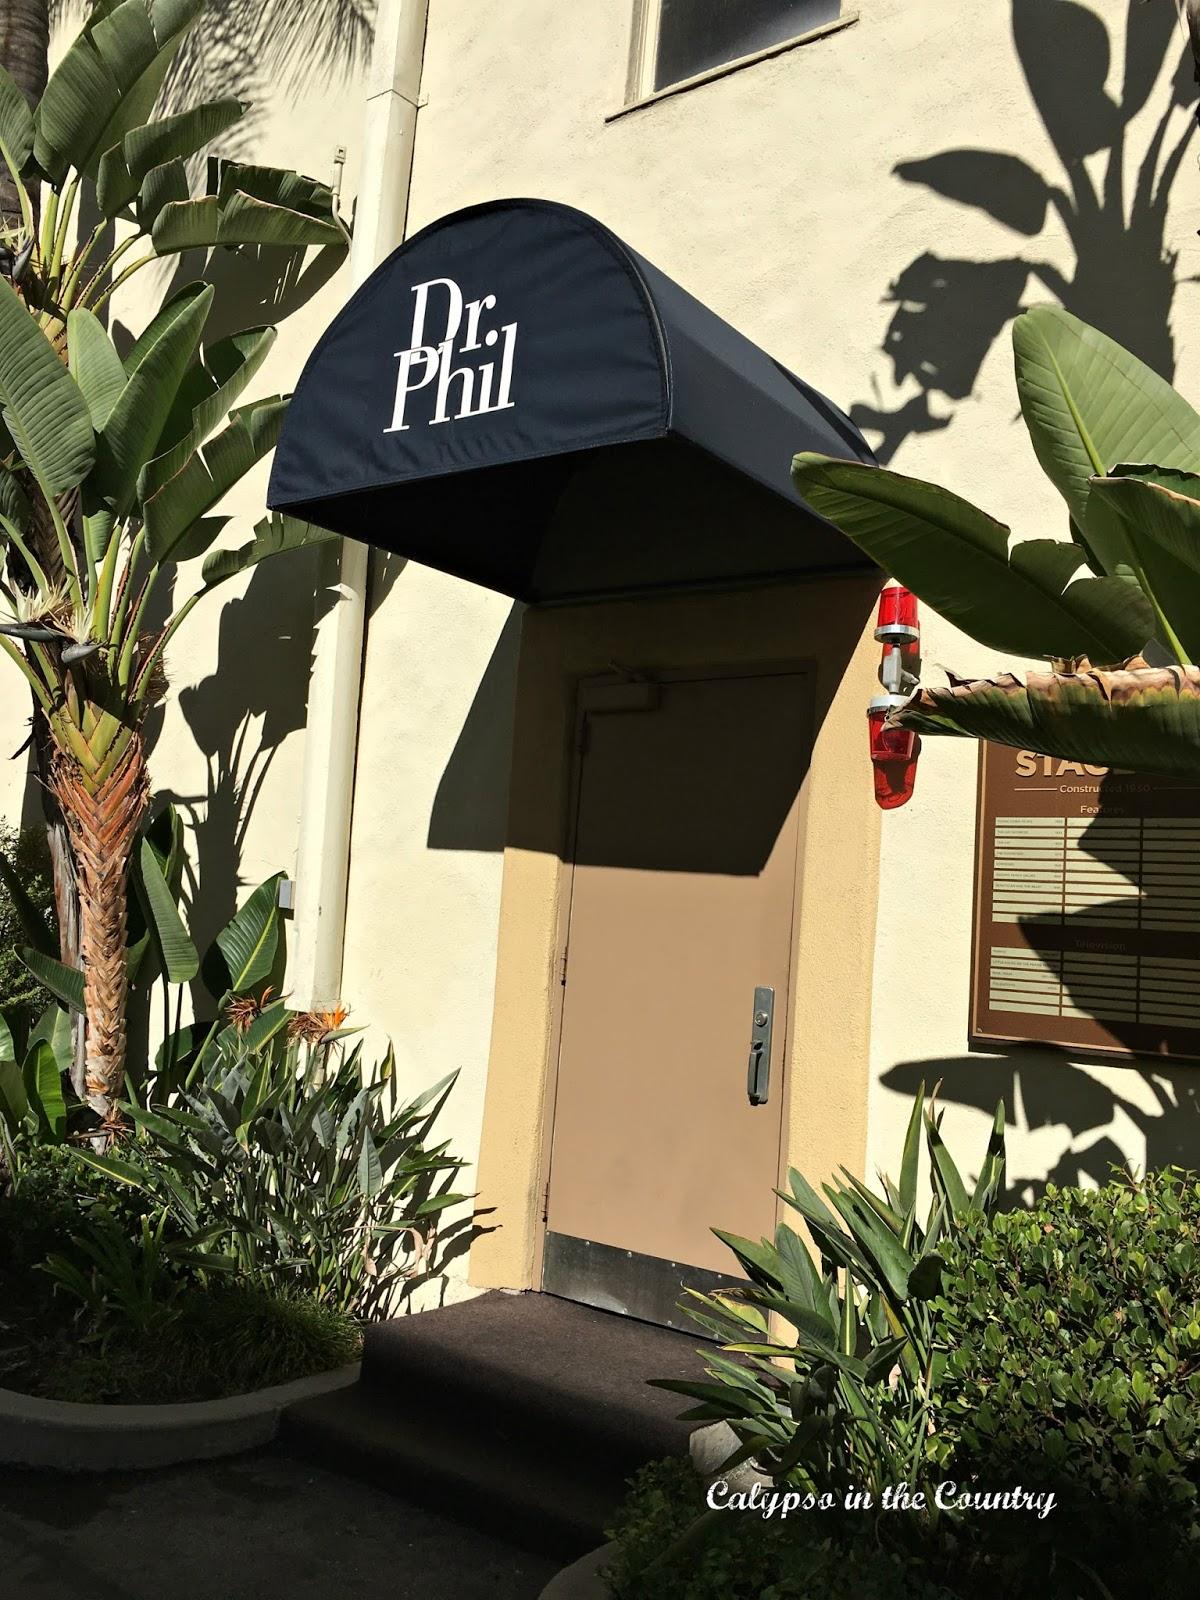 Dr. Phil soundstage door at Paramount Studios